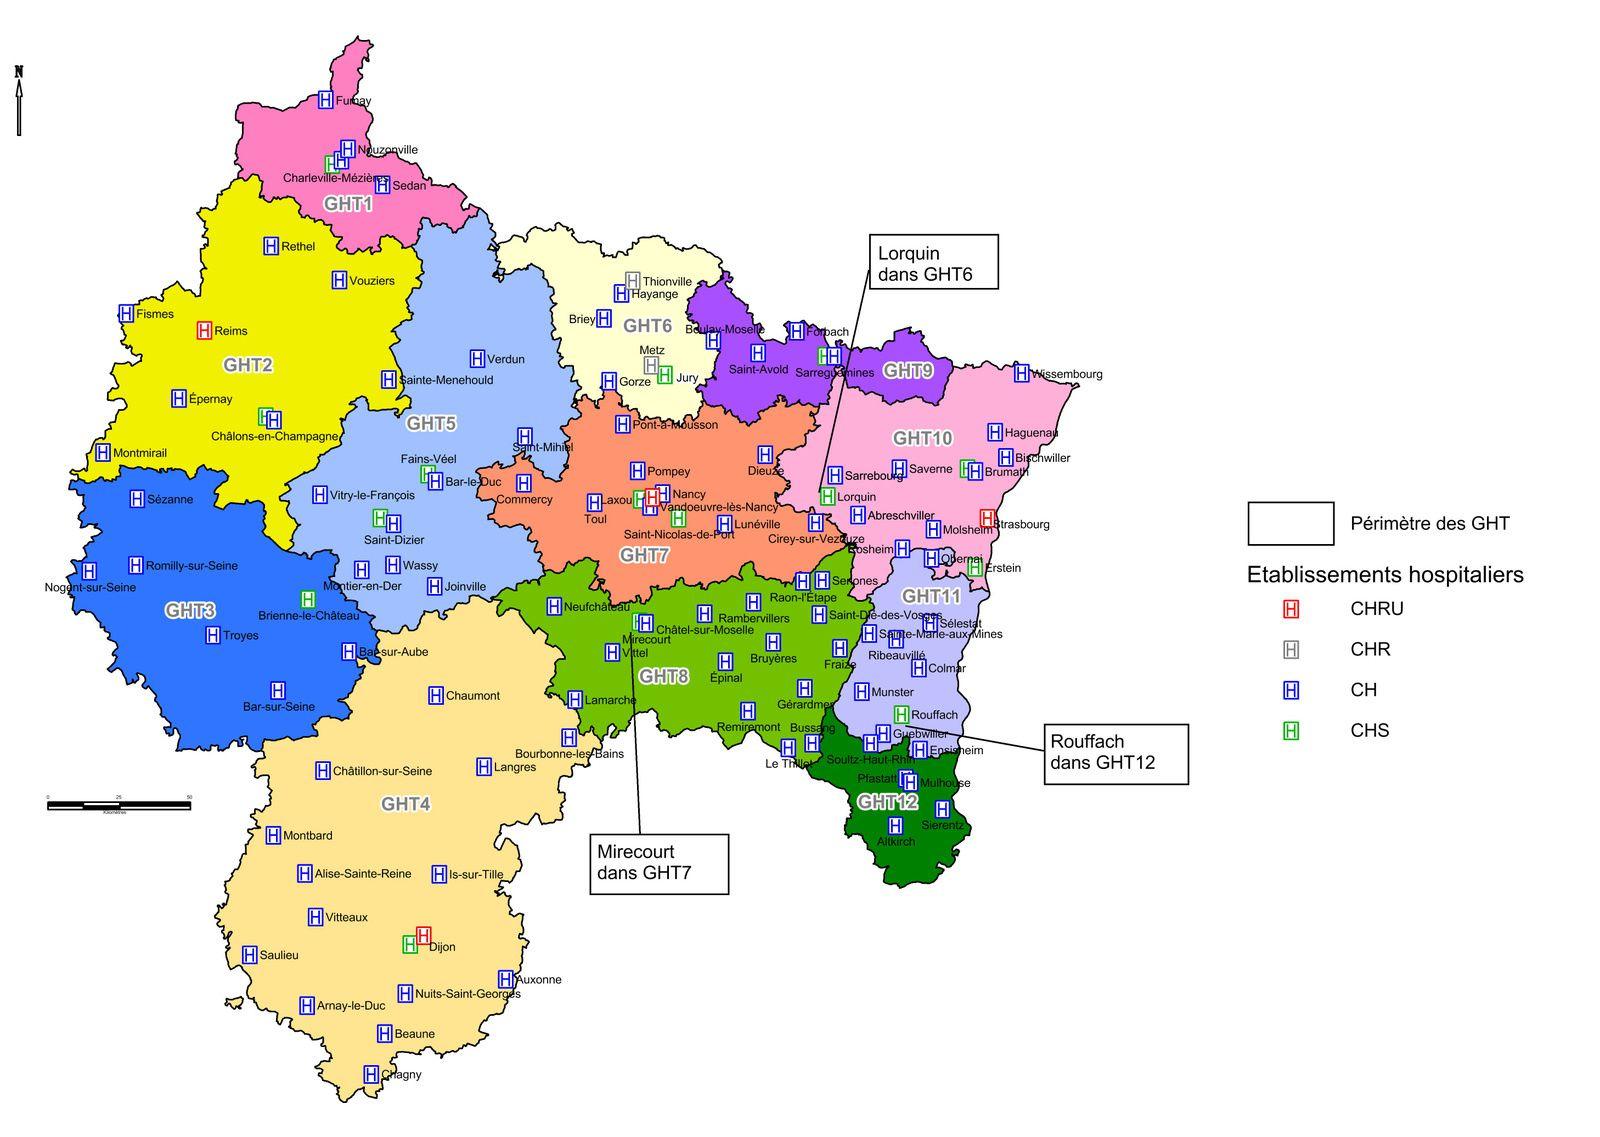 Groupements hospitaliers de territoires en région Grand Est